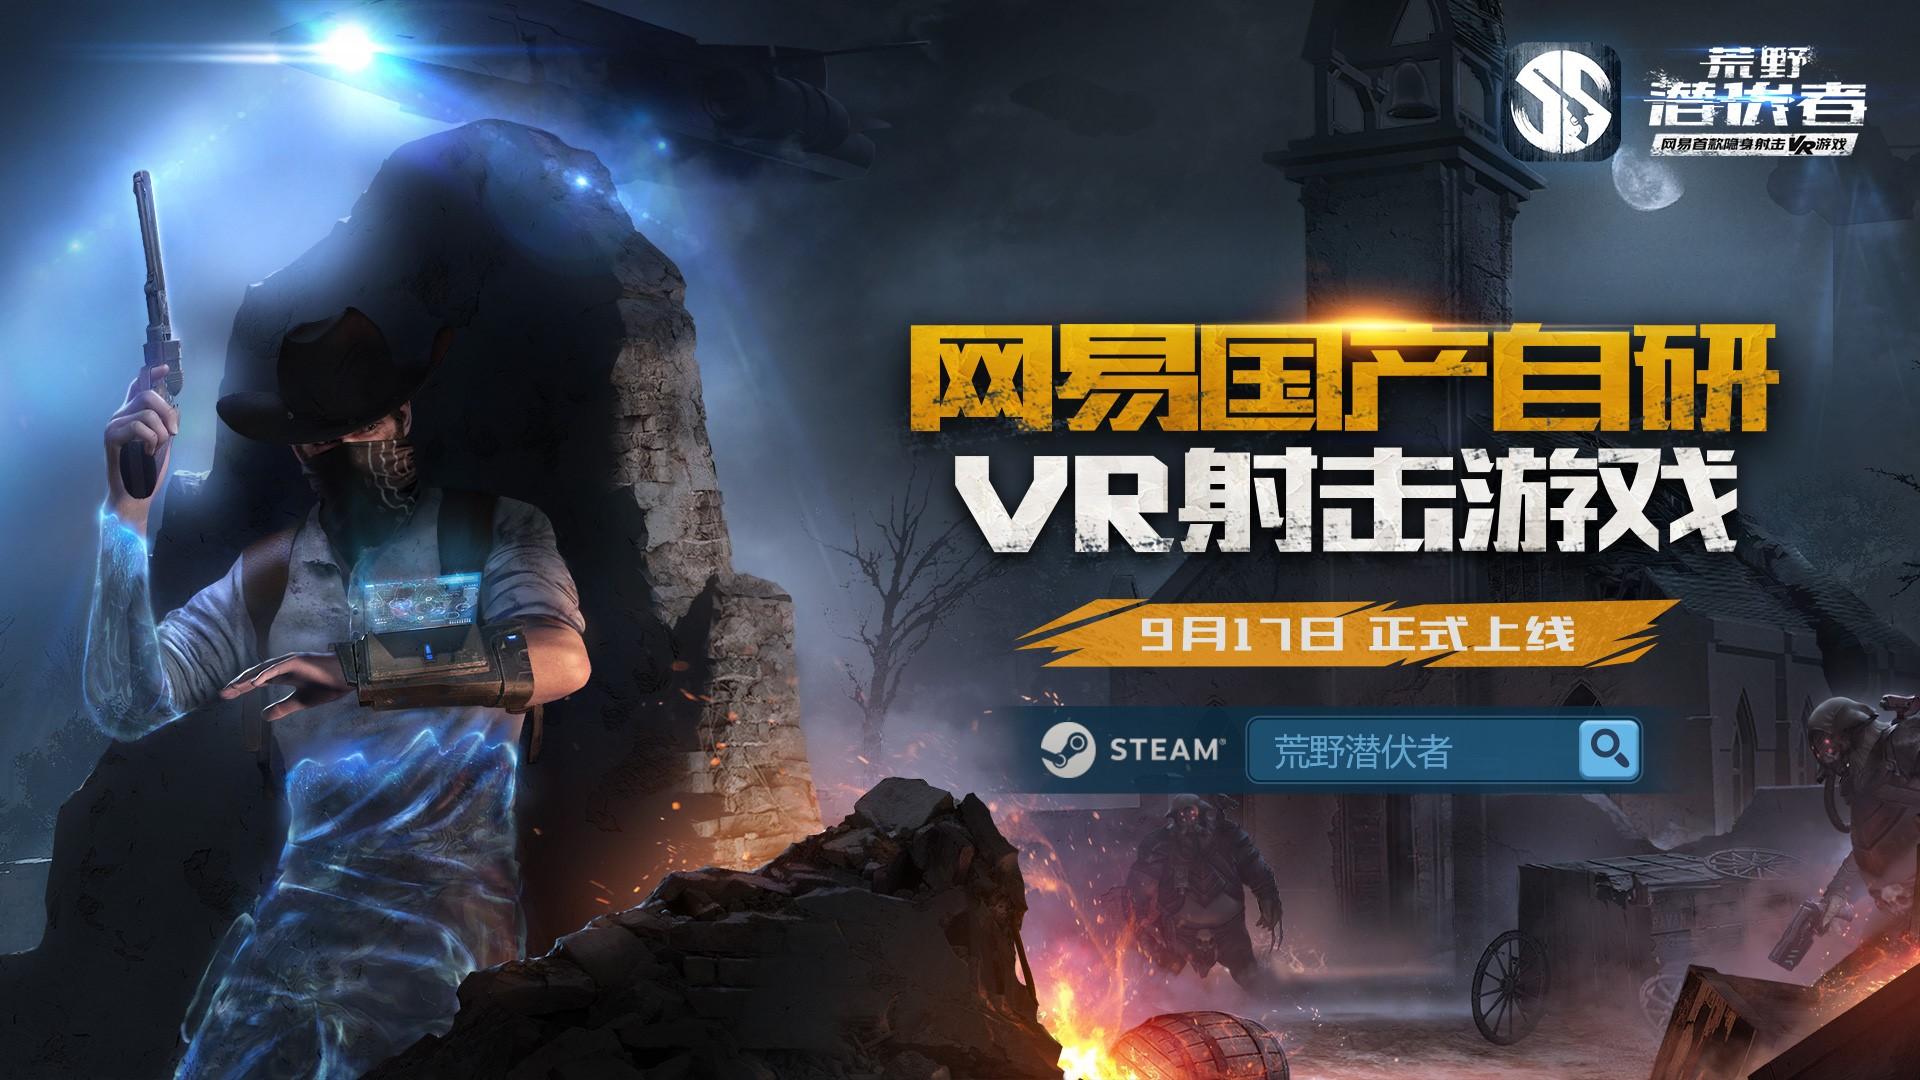 激战西部小镇,VR科幻对抗 《荒野潜伏者》呈现外星黑科技!